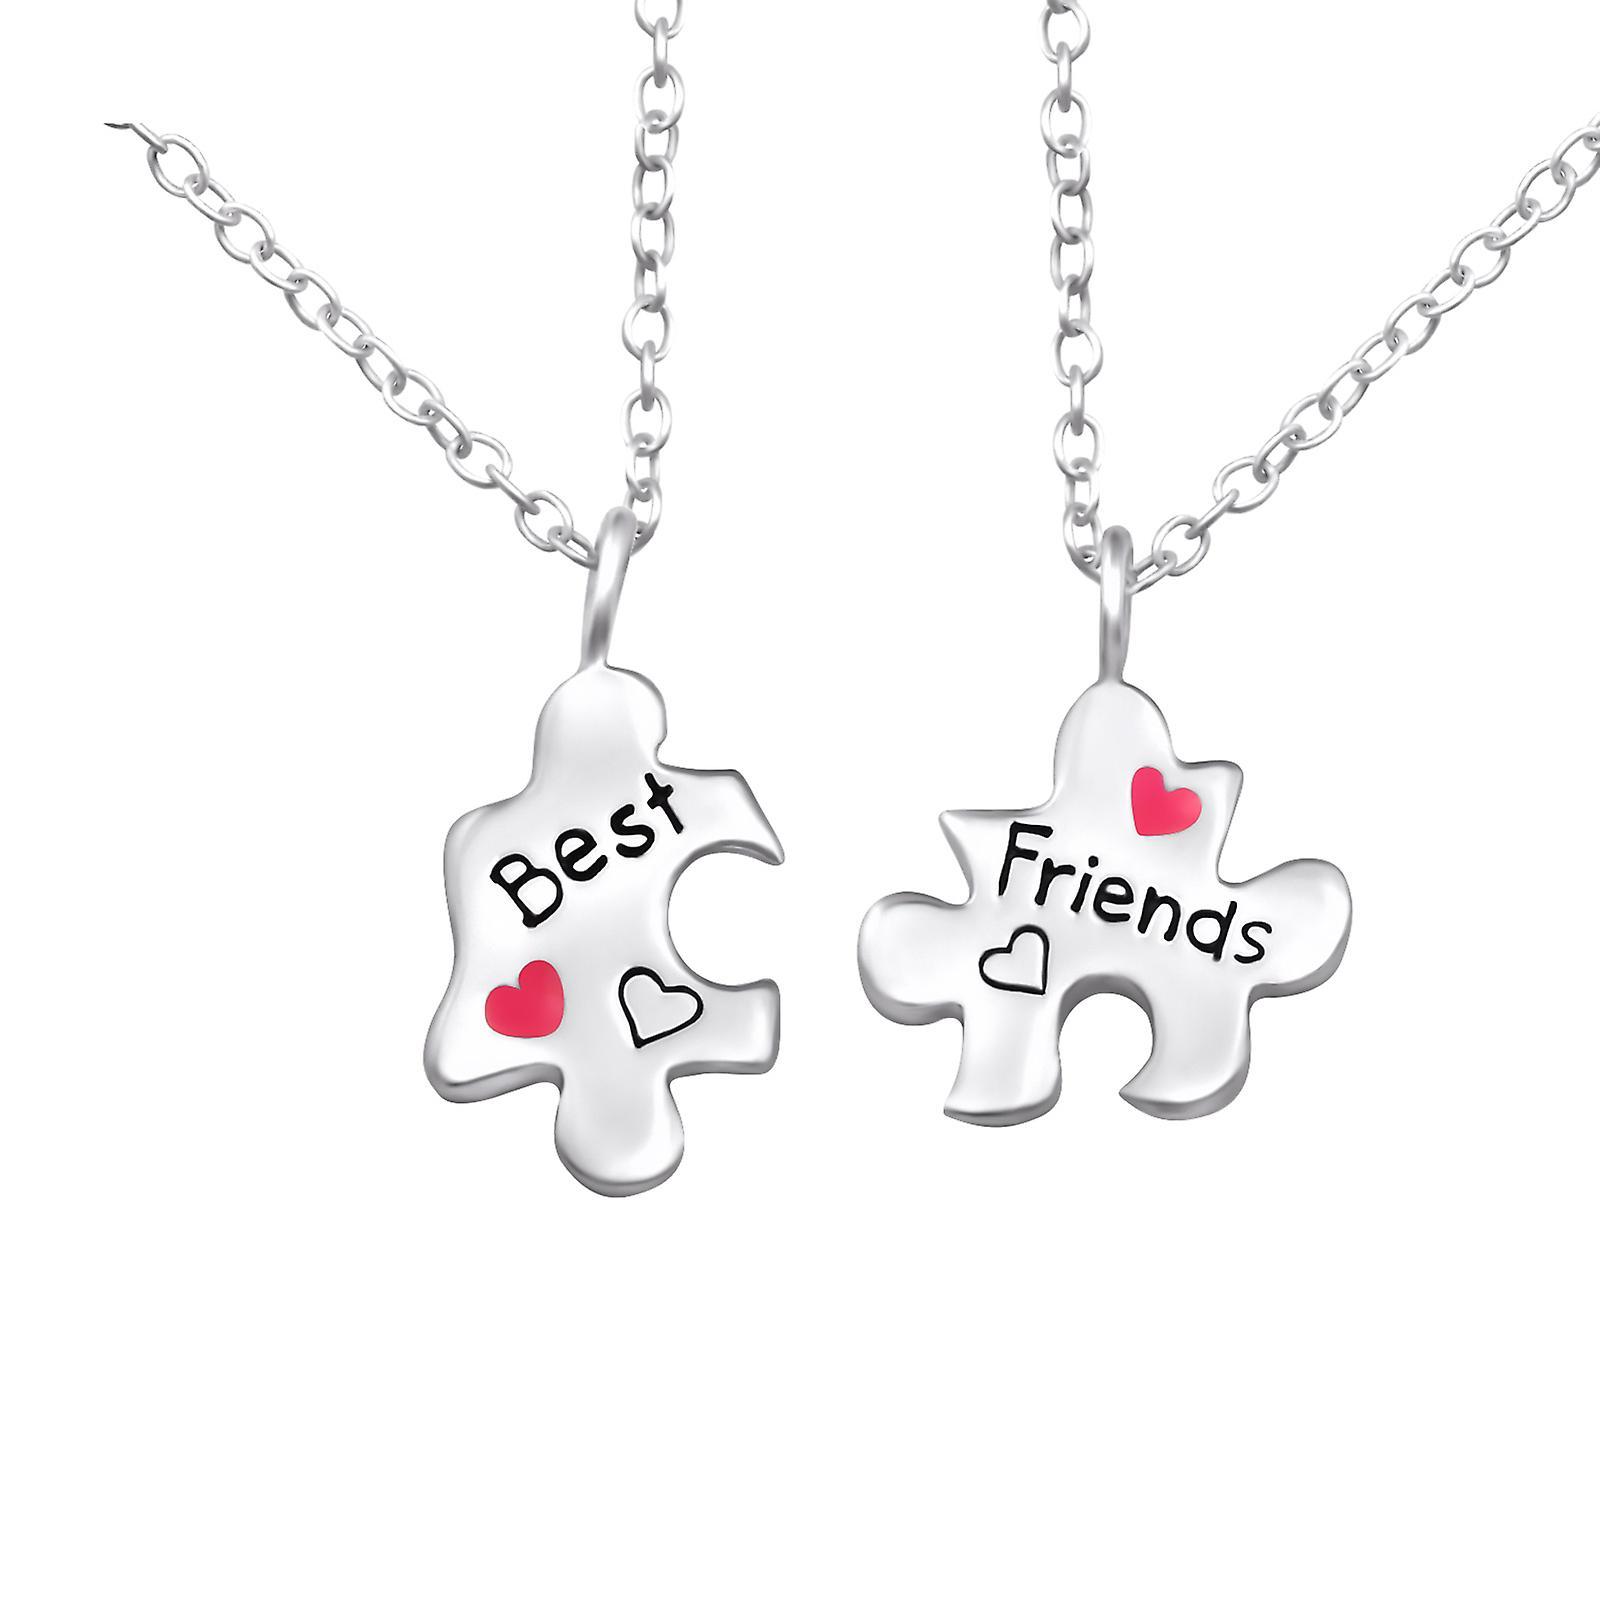 Dainty friendship jewelry, necklaces